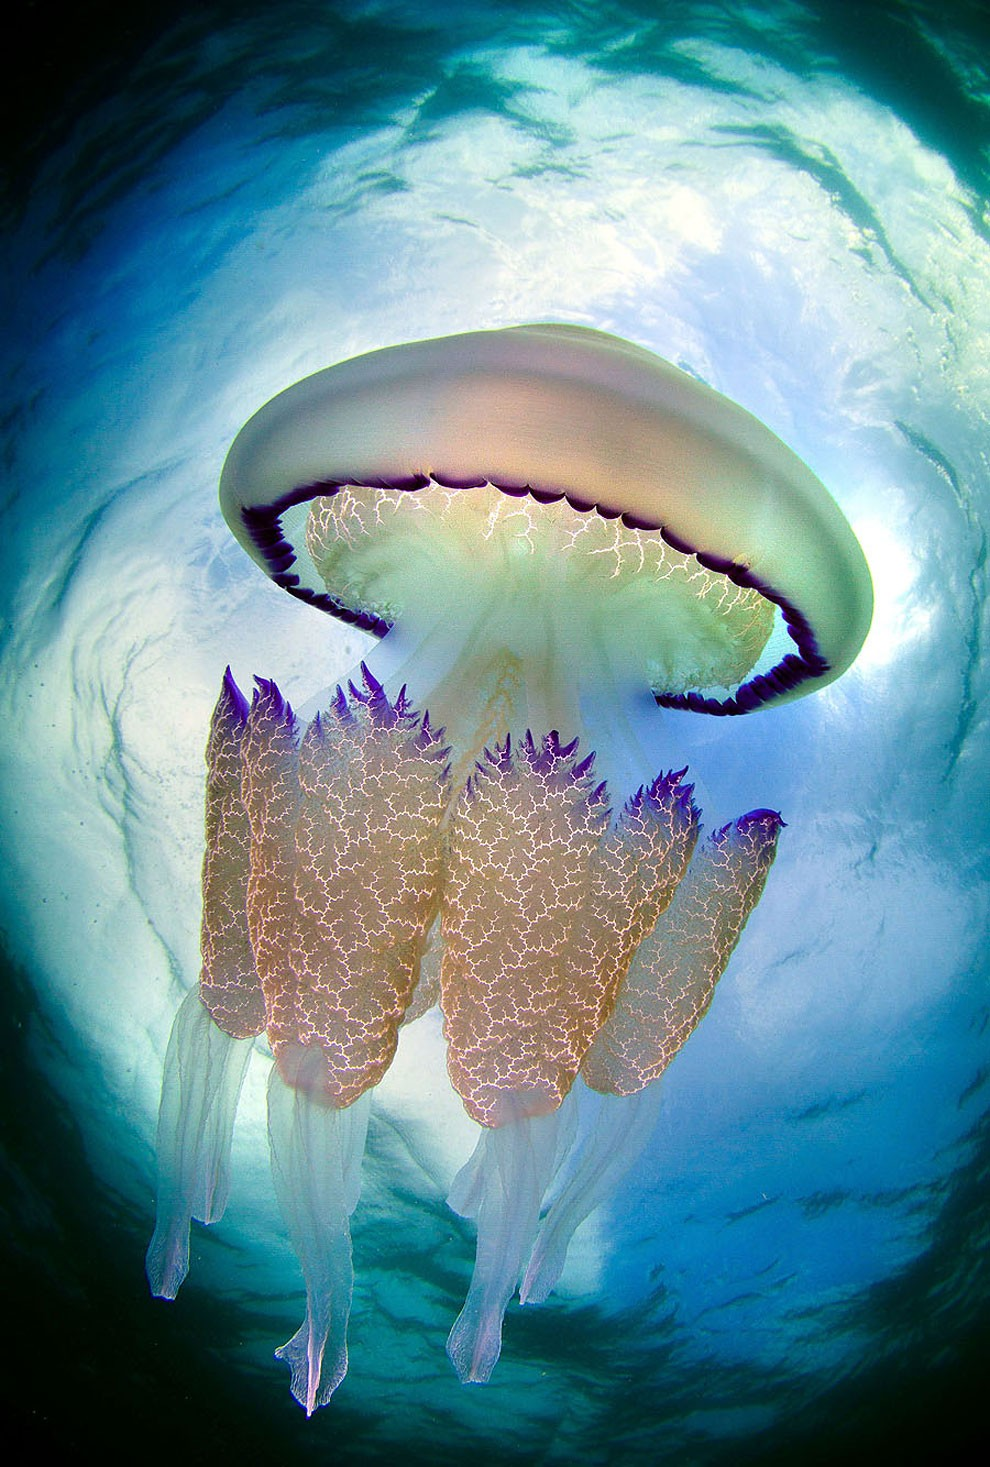 fotografia-subacquea-meduse-spagna-jordi-benitez-castells-02